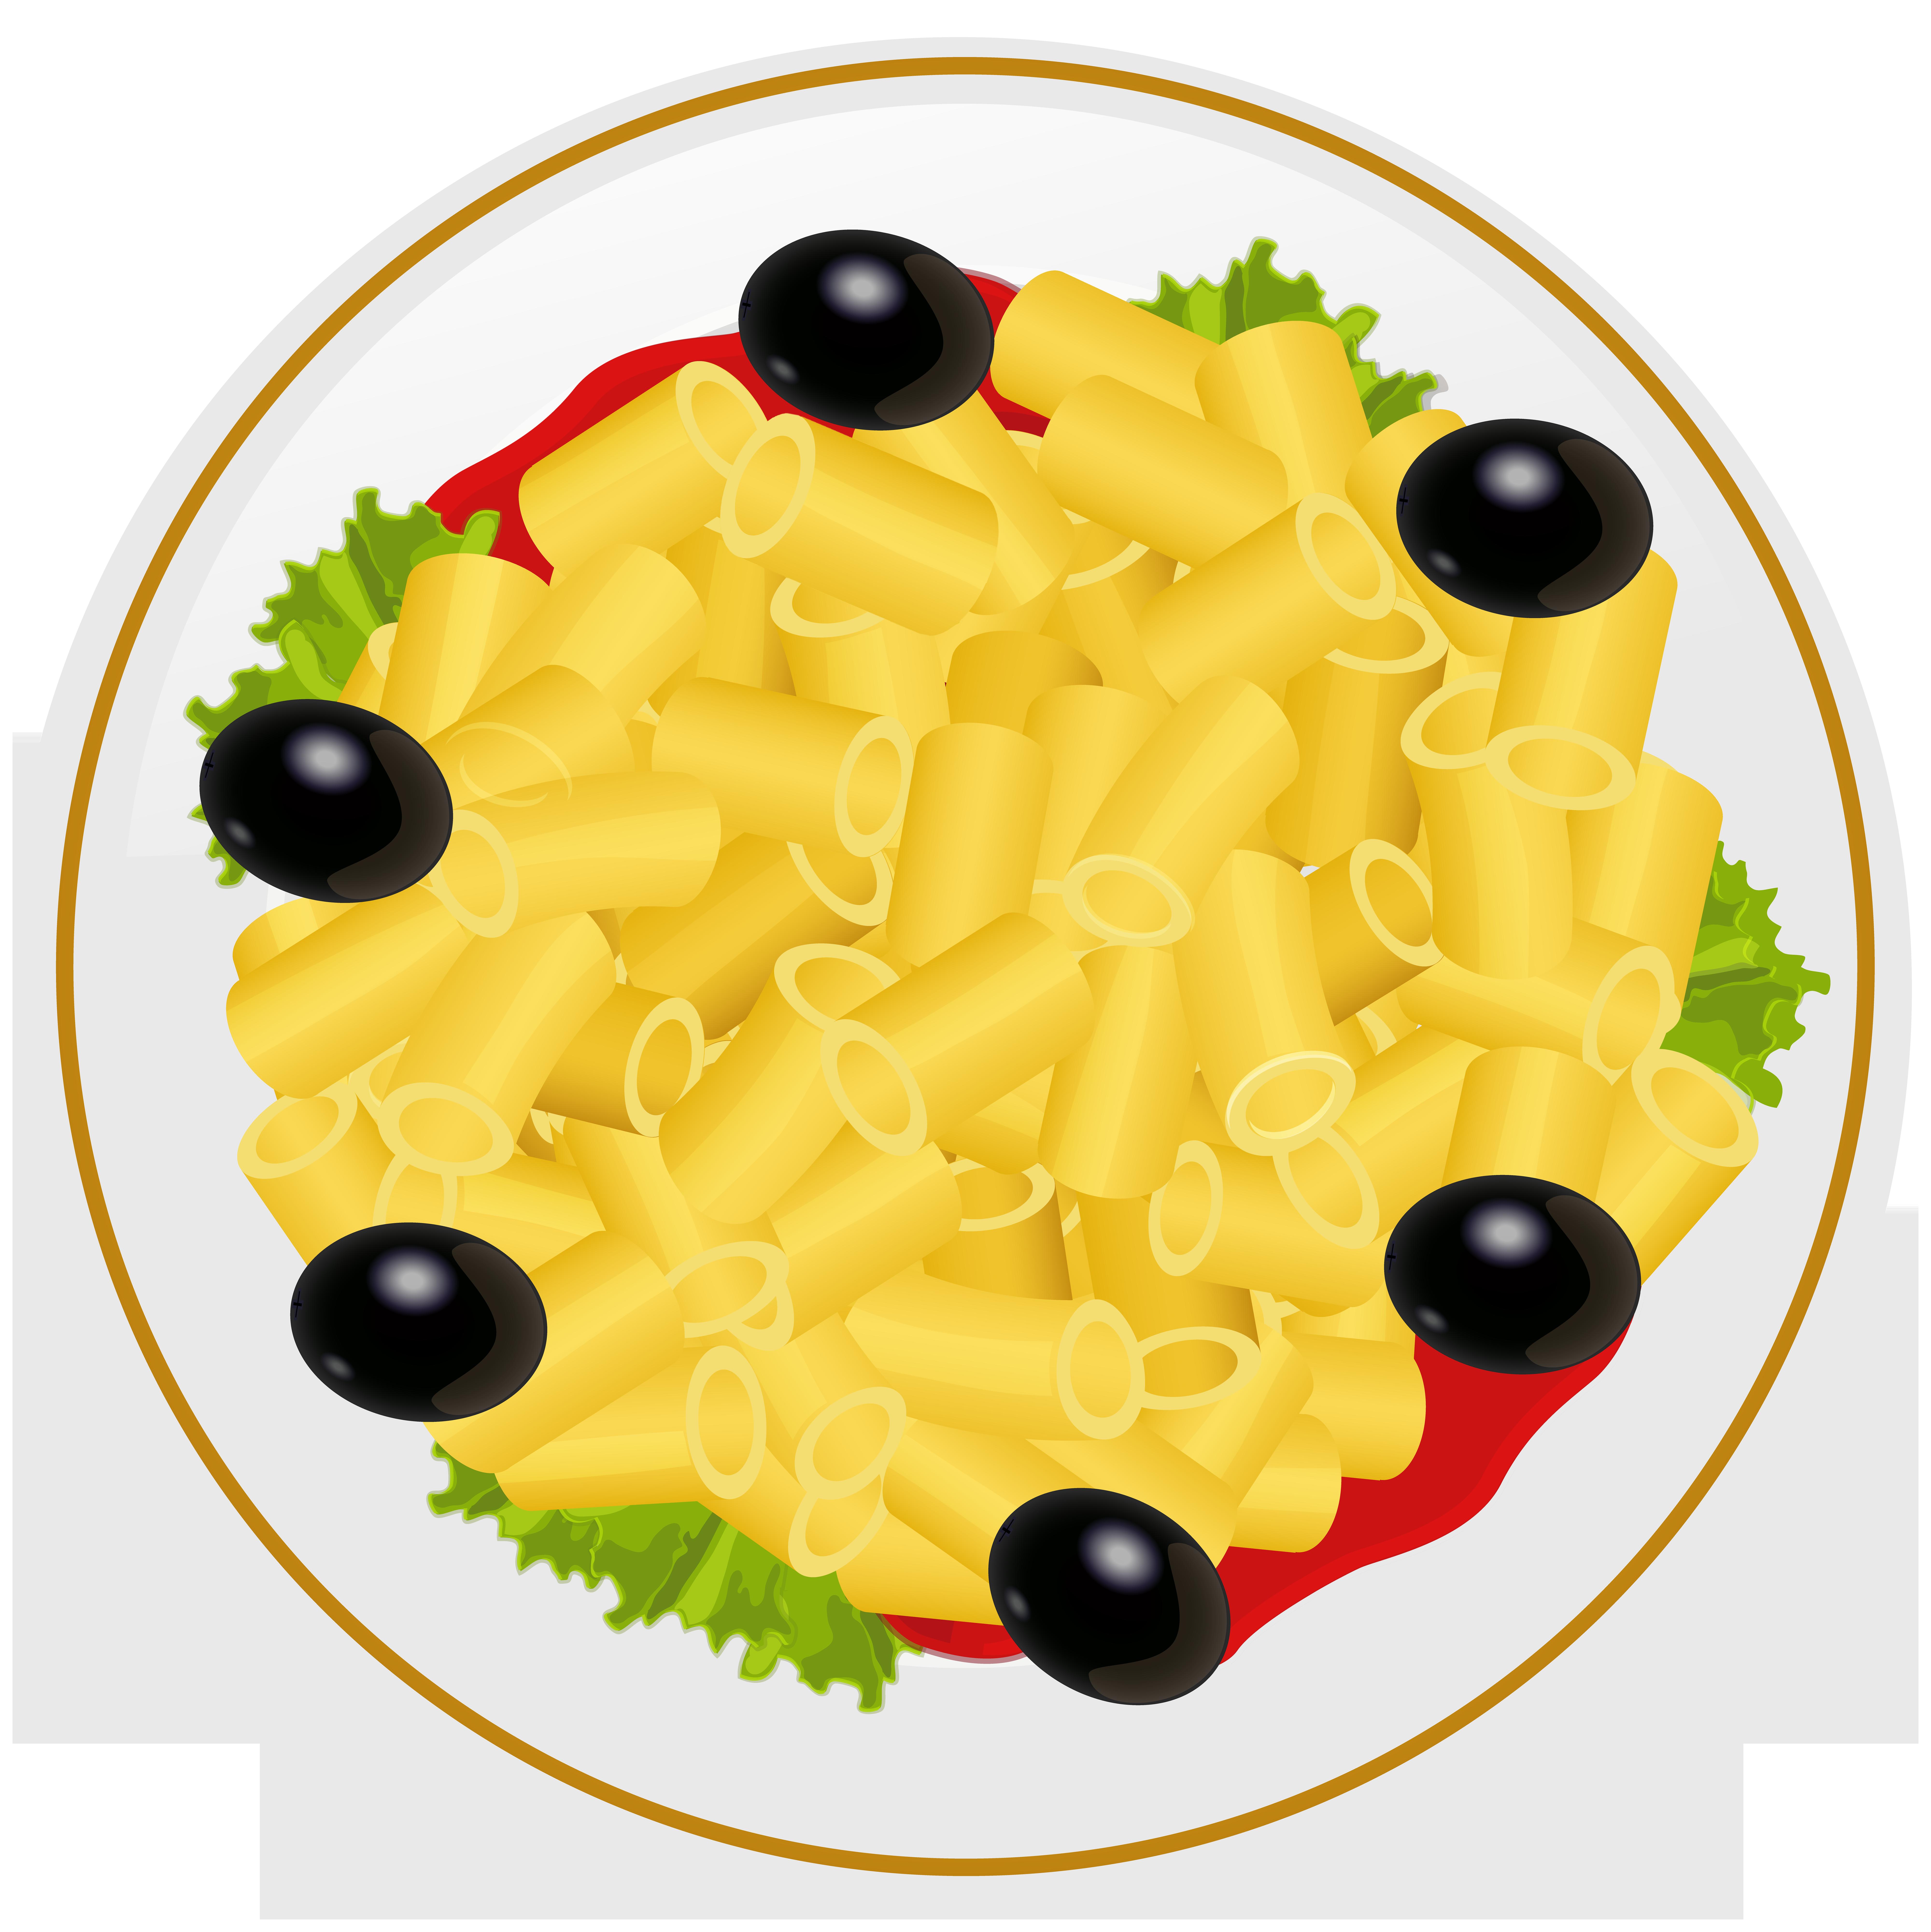 Noodles clipart pasta dish, Noodles pasta dish Transparent.